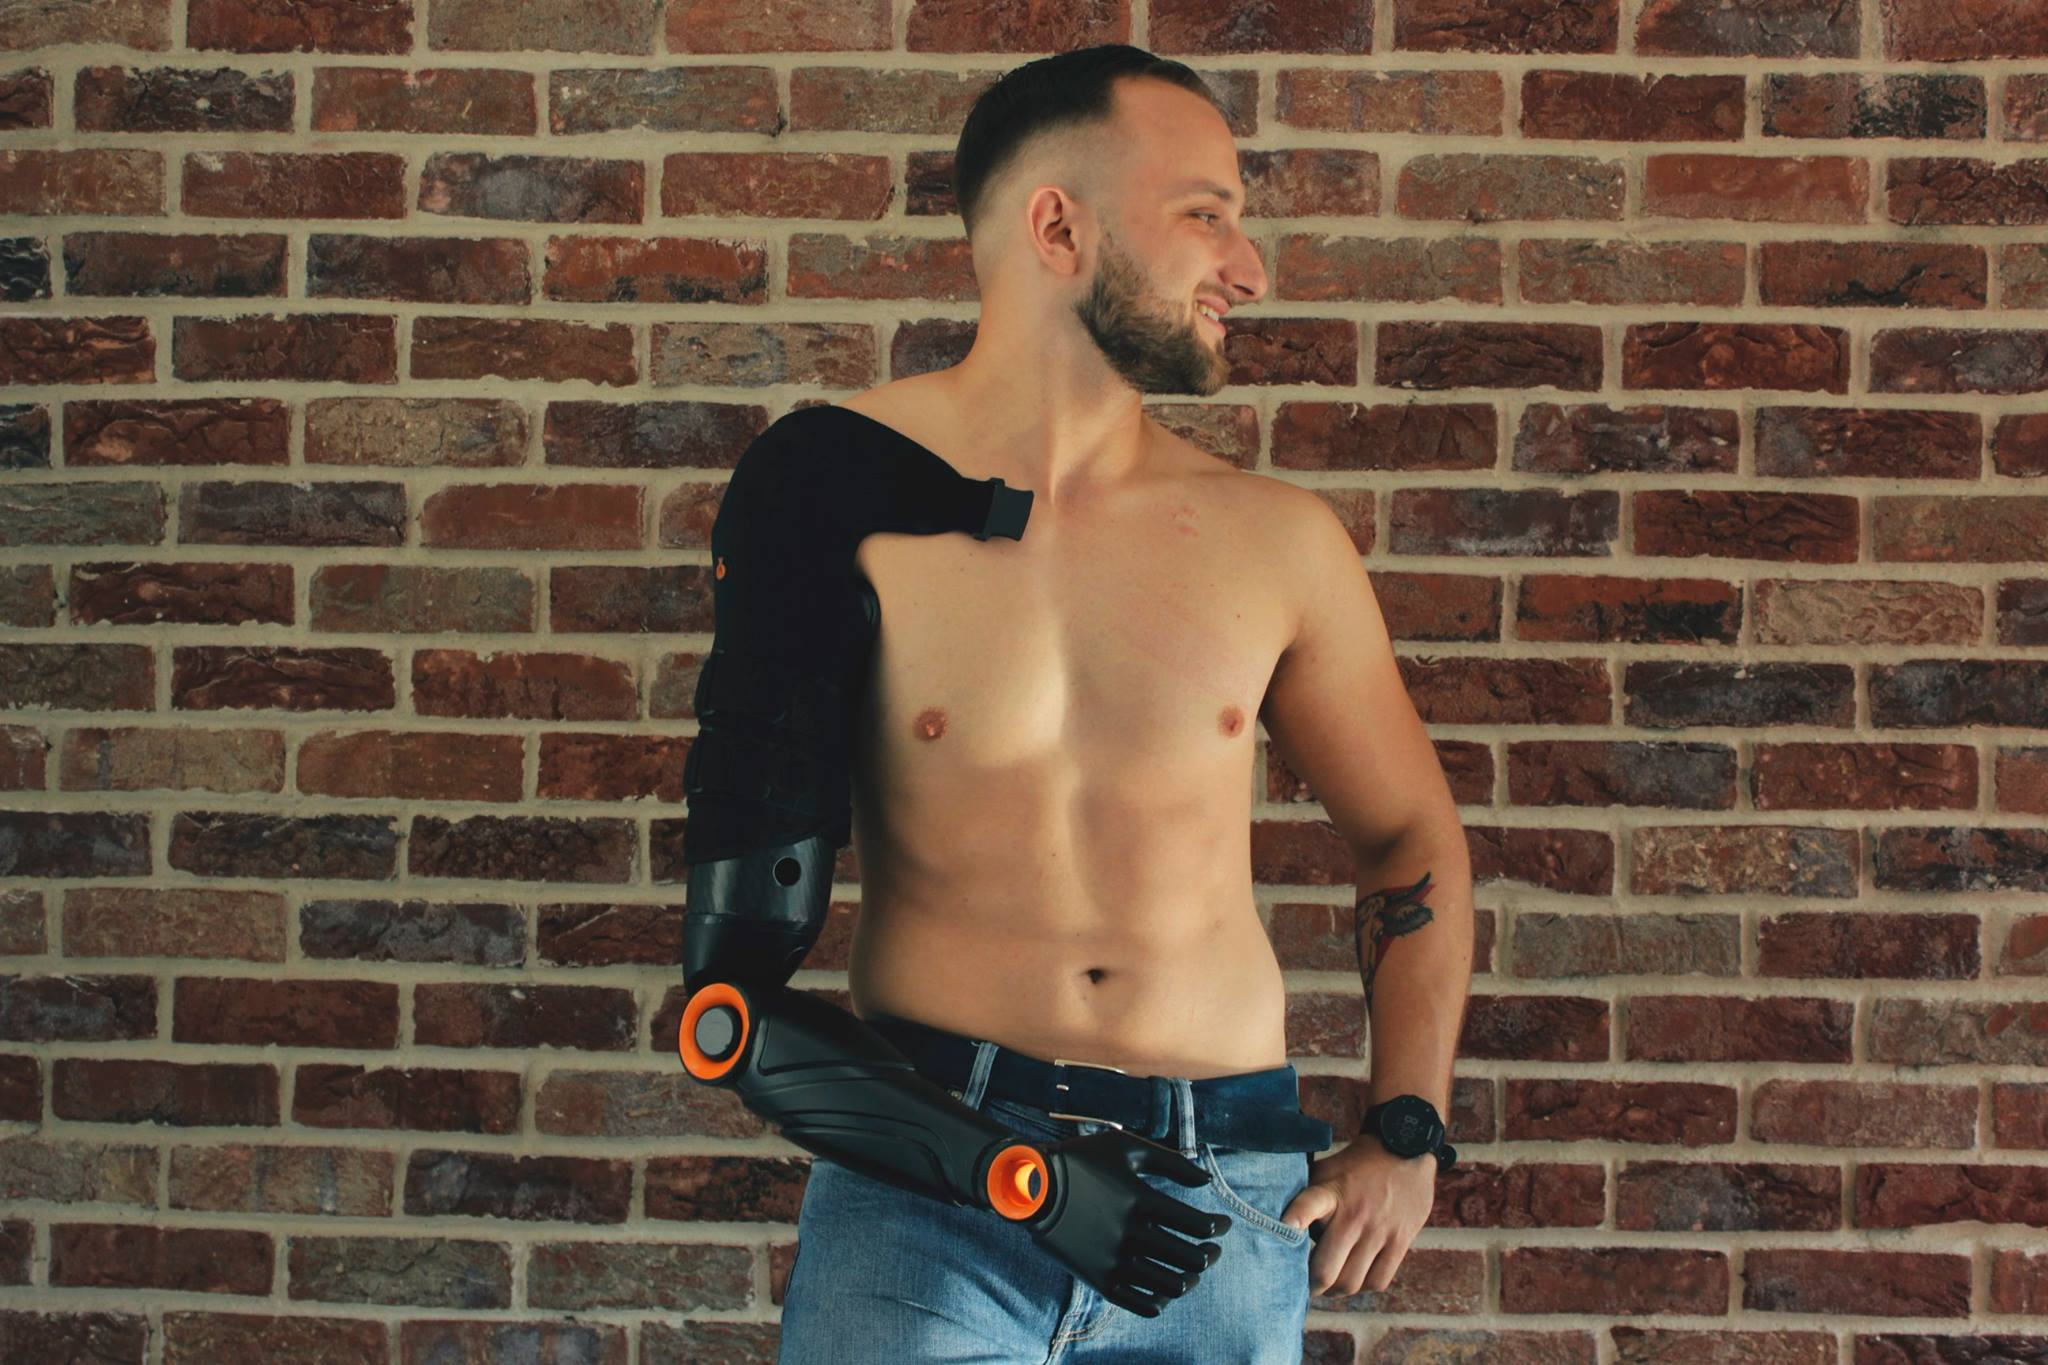 Te Selbst Designen | Glaze Prosthetics Aussergewohnliche 3d Druck Prothesen Selbst